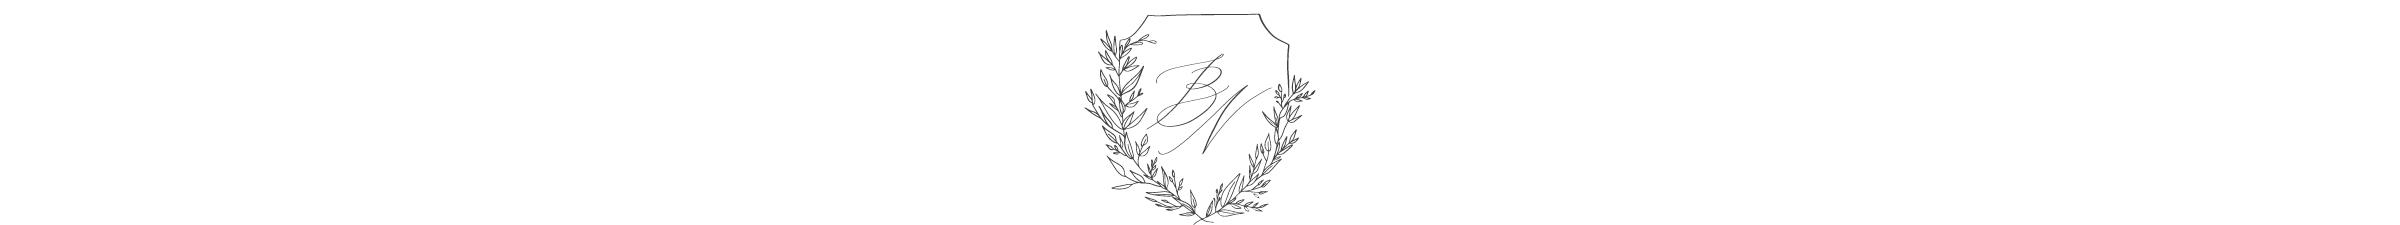 footer logo.jpg